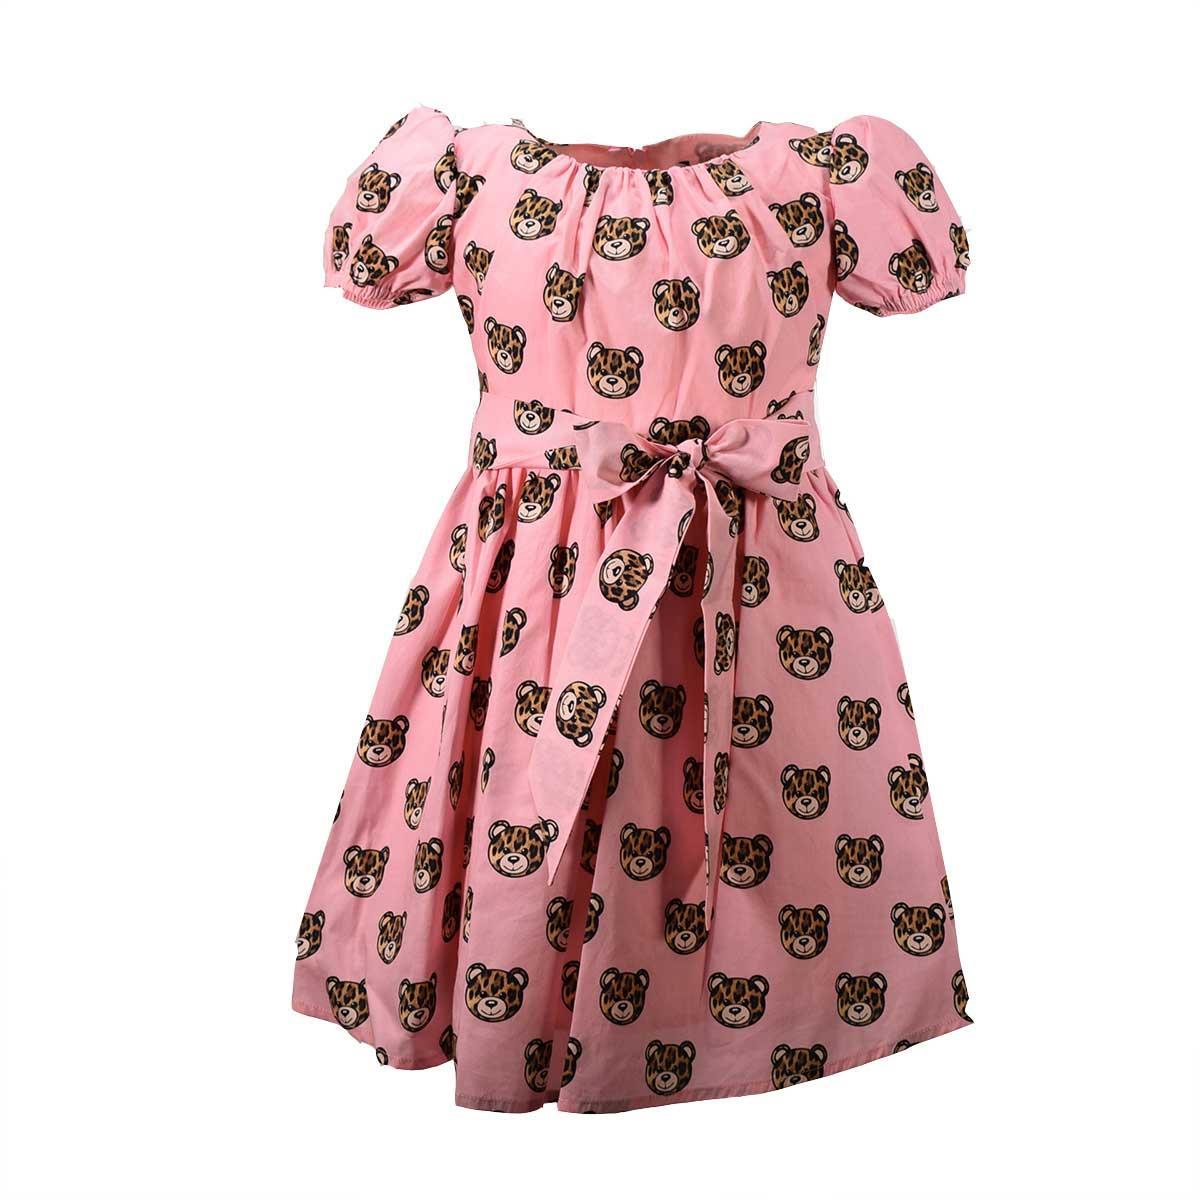 economico per lo sconto 7723e 88e4c Moschino Bambina Abito Rosa Stampa teddy Maculato